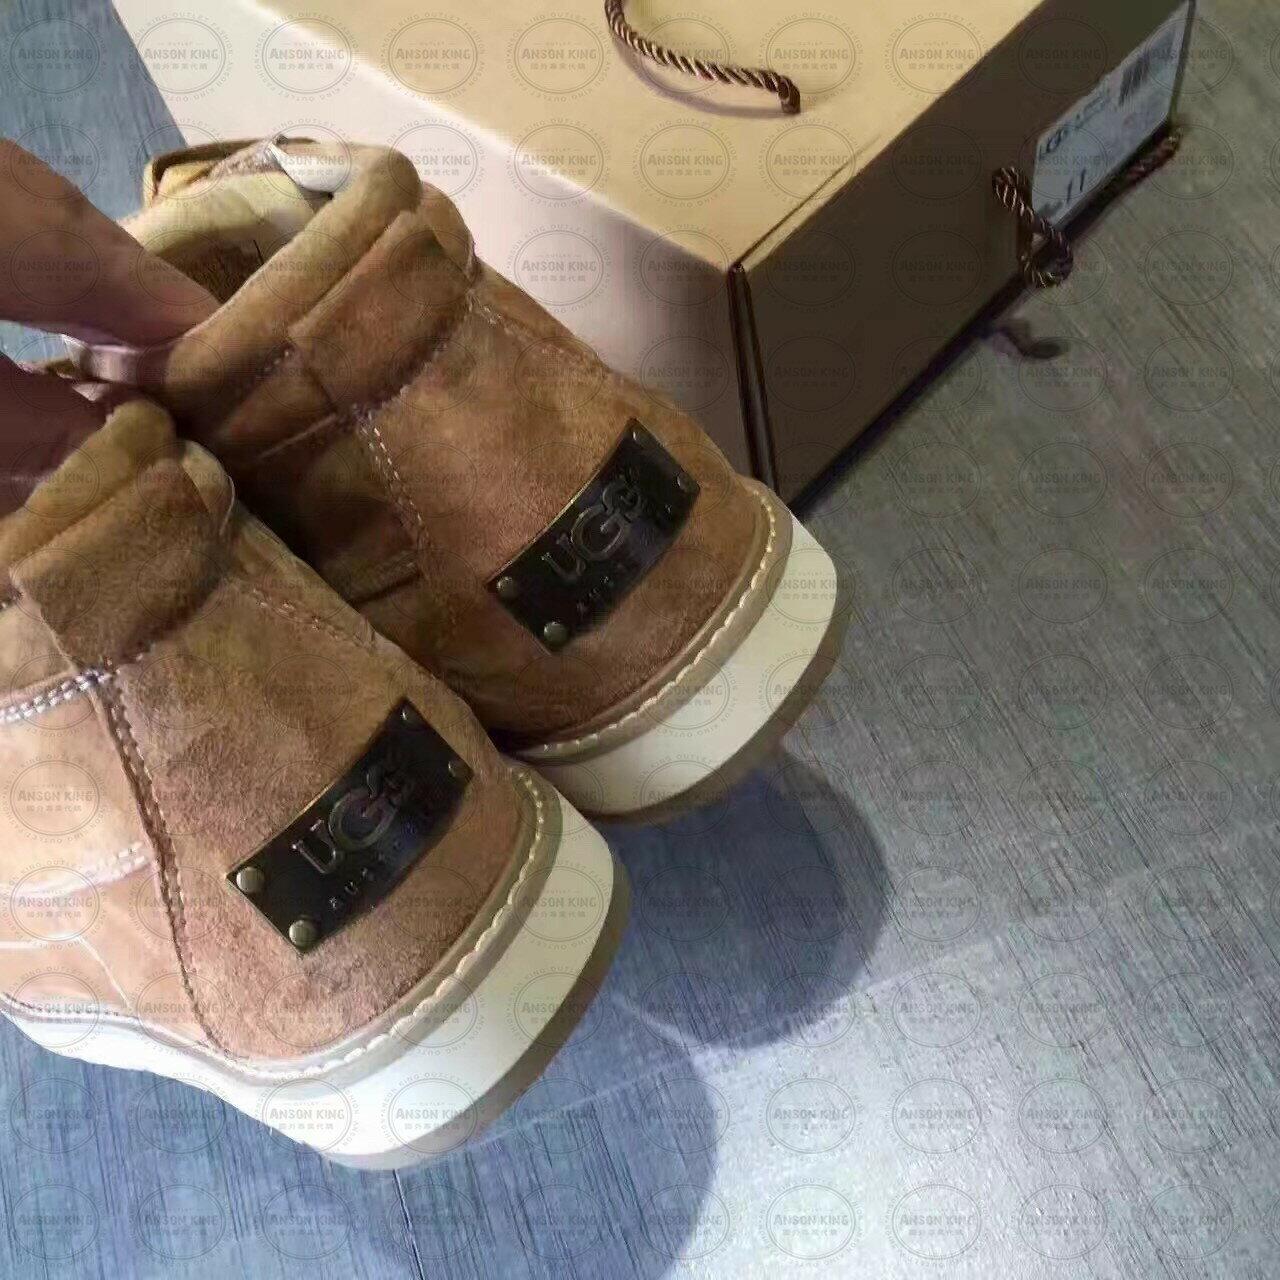 OUTLET正品代購 澳洲 UGG 新款冬季男款貝克漢 皮毛一體 短靴 保暖 真皮羊皮毛 雪靴 短靴 駝色 2